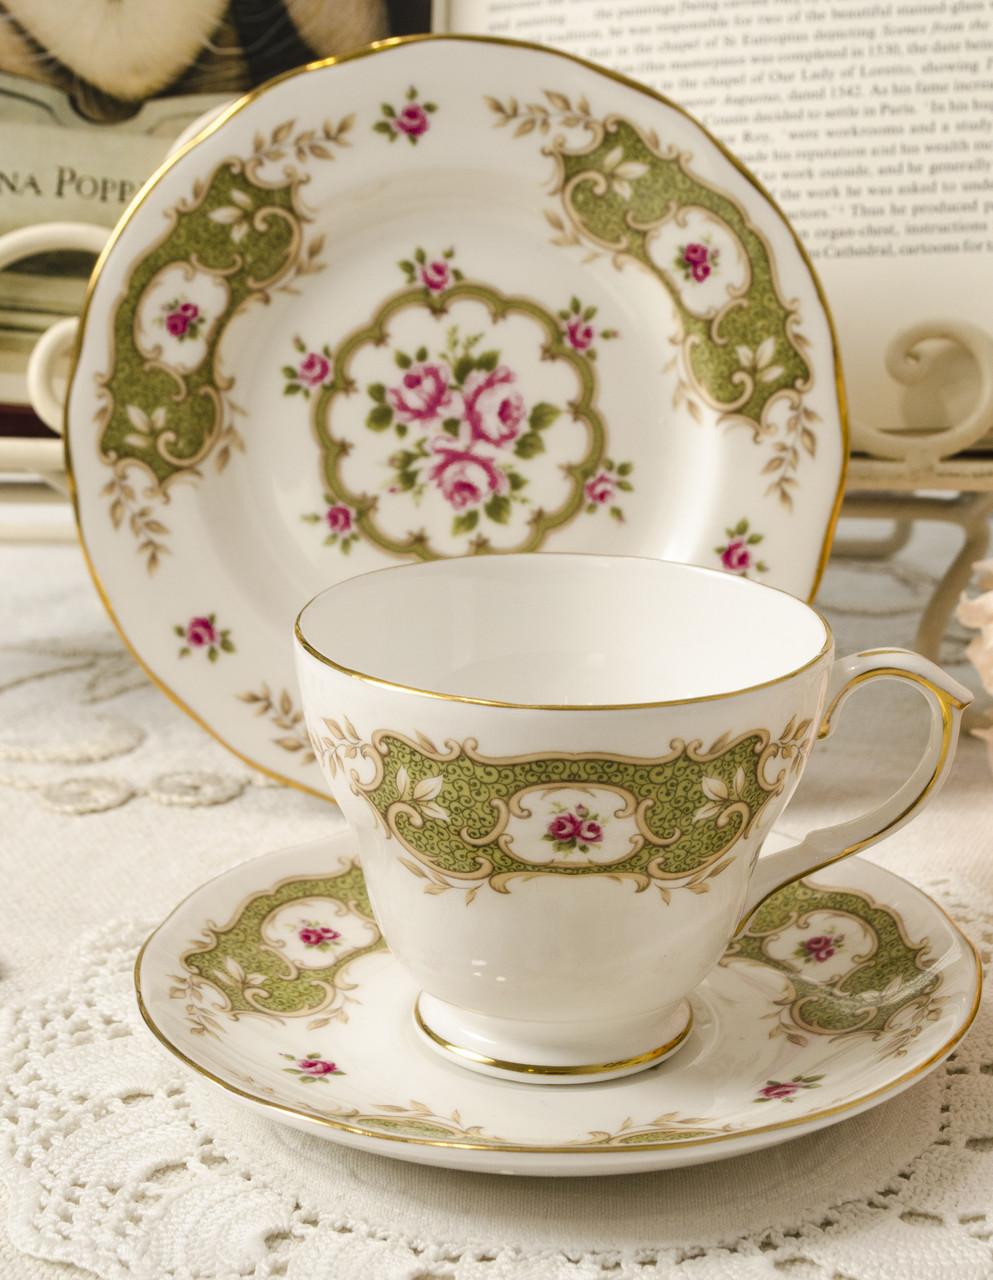 Английская фарфоровая чайная тройка, чашка, блюдце тарелка, костяной фарфор Англия, Duches